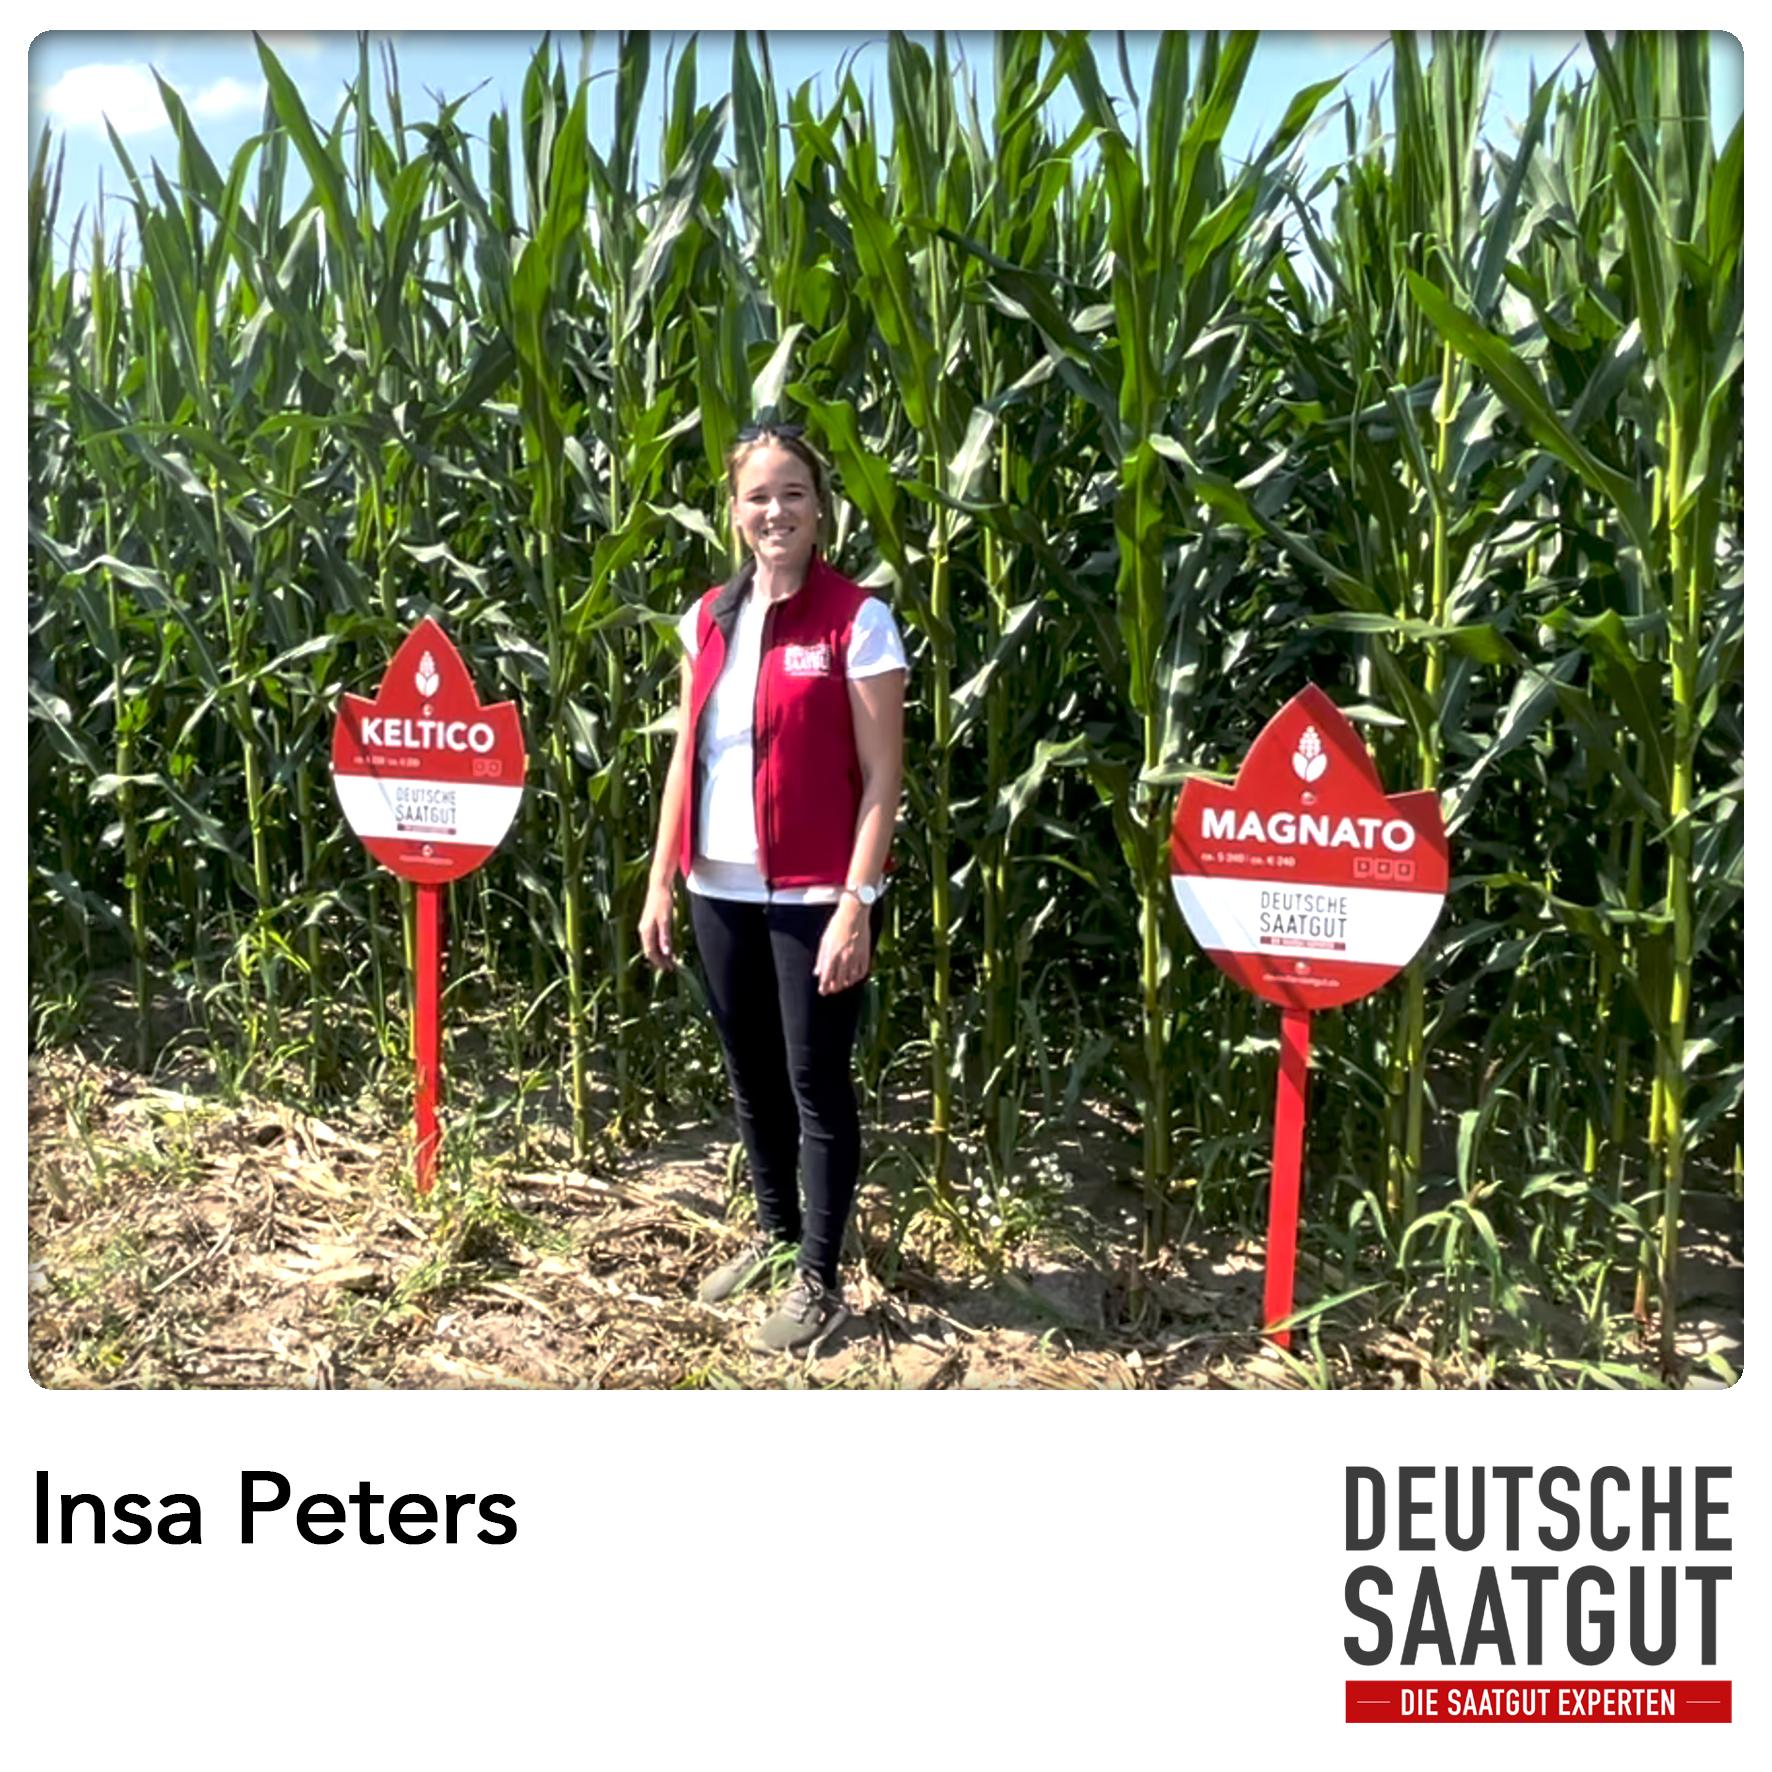 Insa Peters bei der Mais-Sortendemo in Dummerstorf.